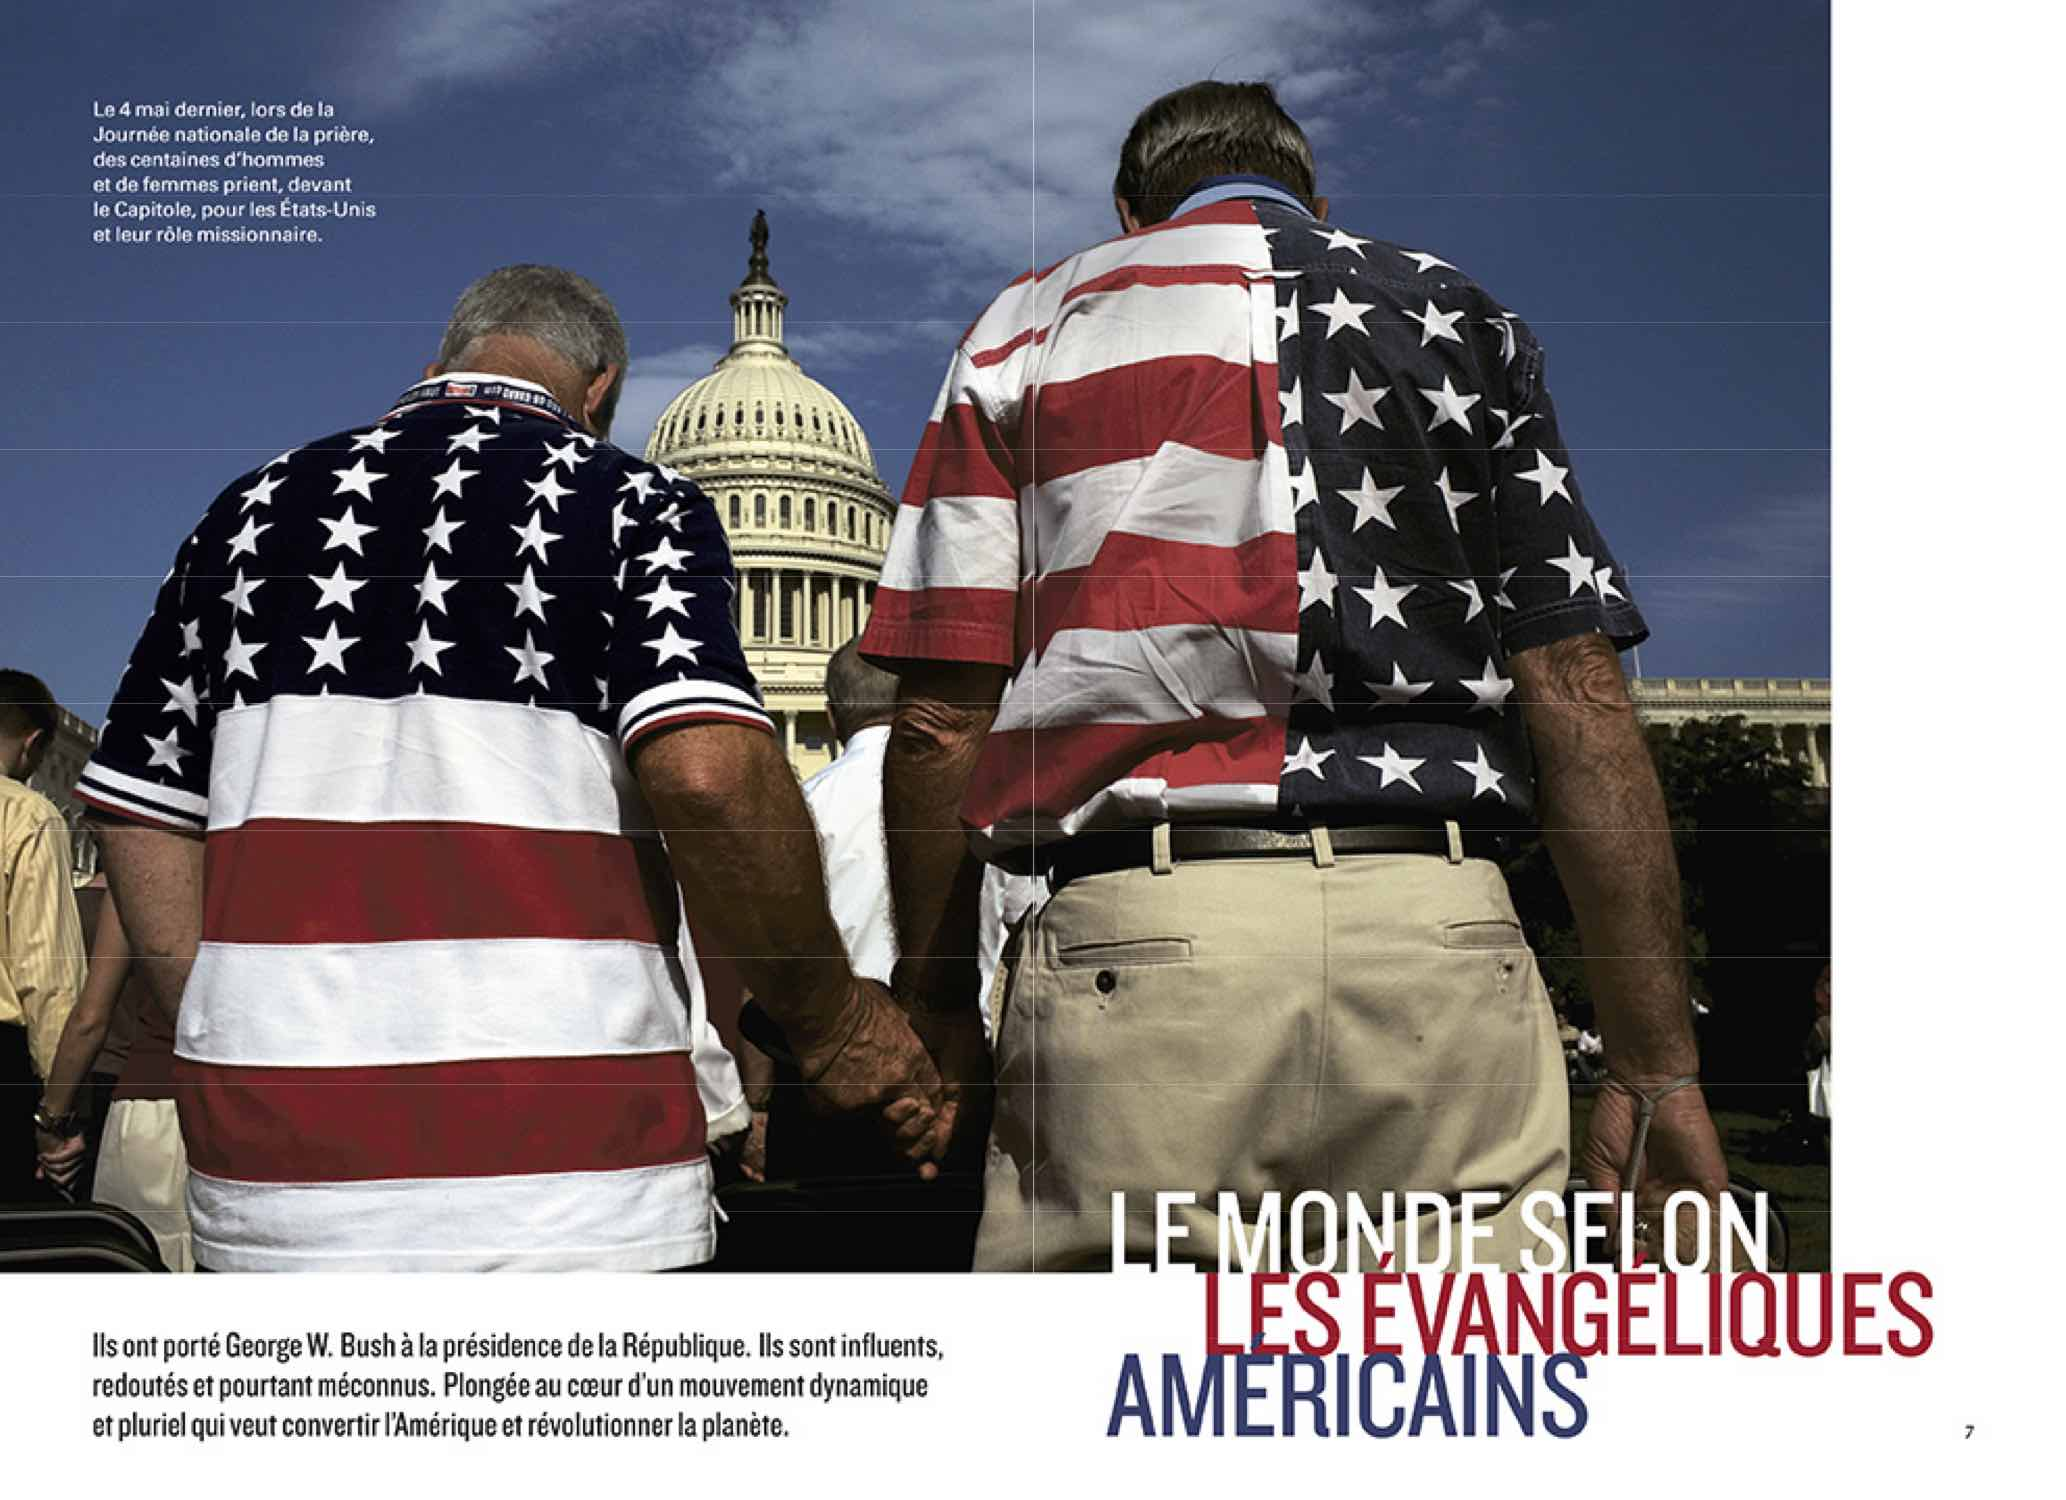 Evangéliques américains